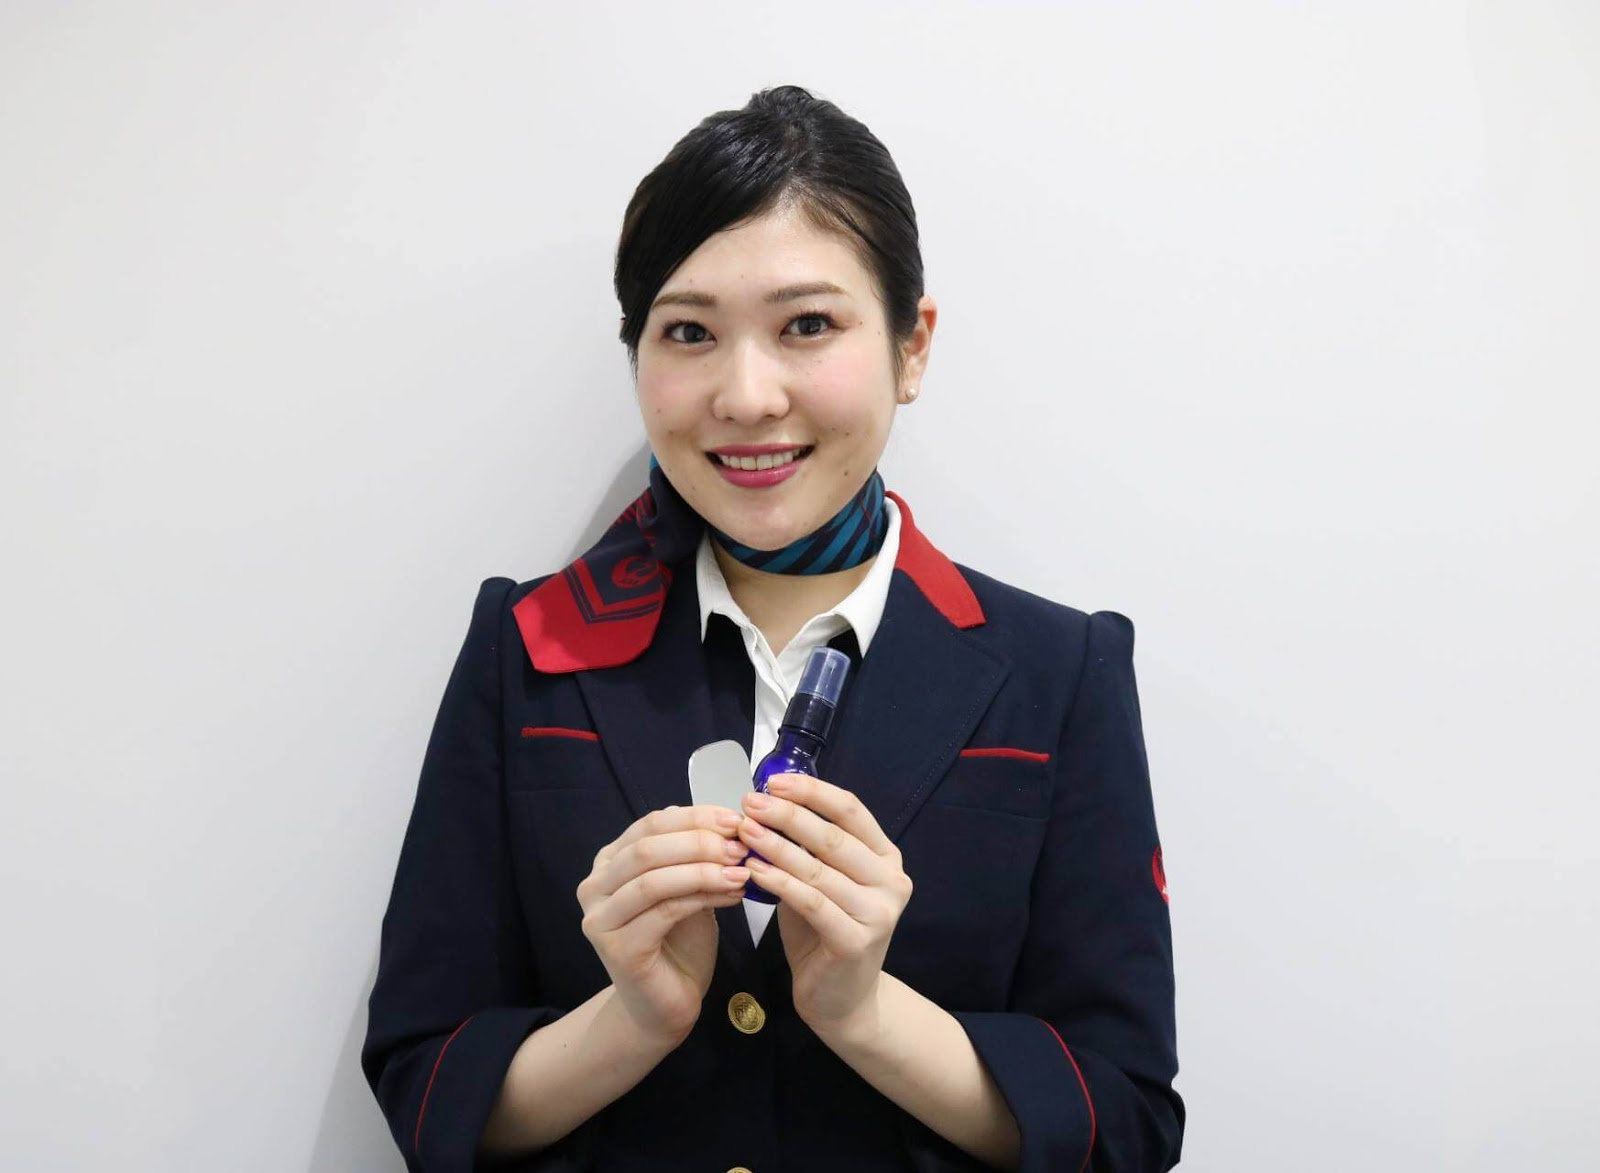 tidak-ada-lagi-kata-ladies-and-gentlemen-japan-airlines-memilih-salam-yang-netral-gender